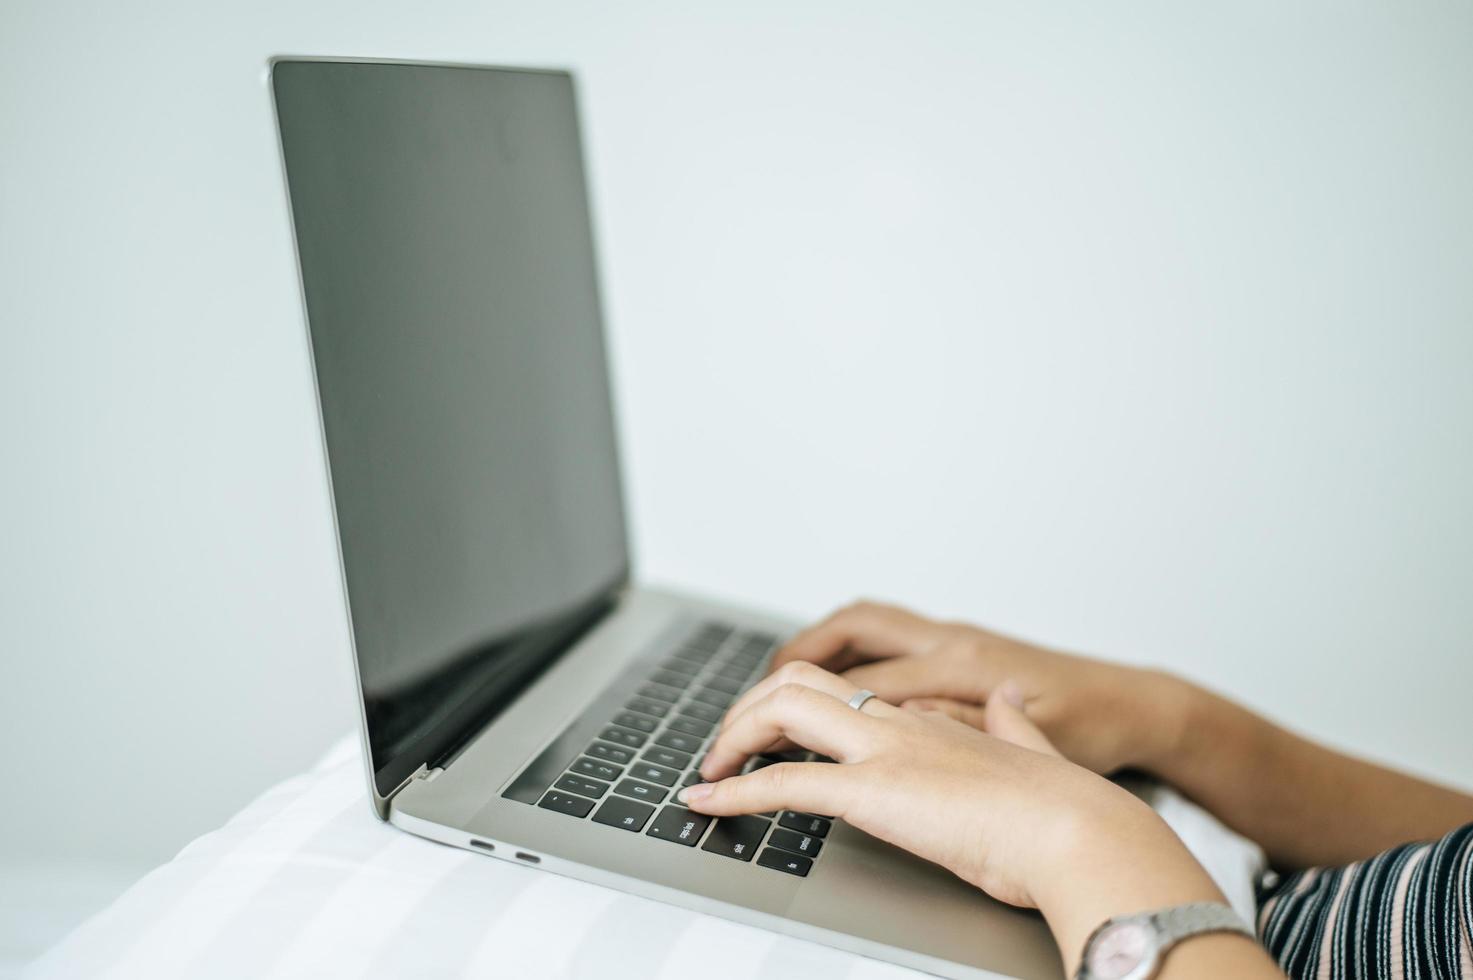 kvinnans händer att skriva på bärbar dator foto